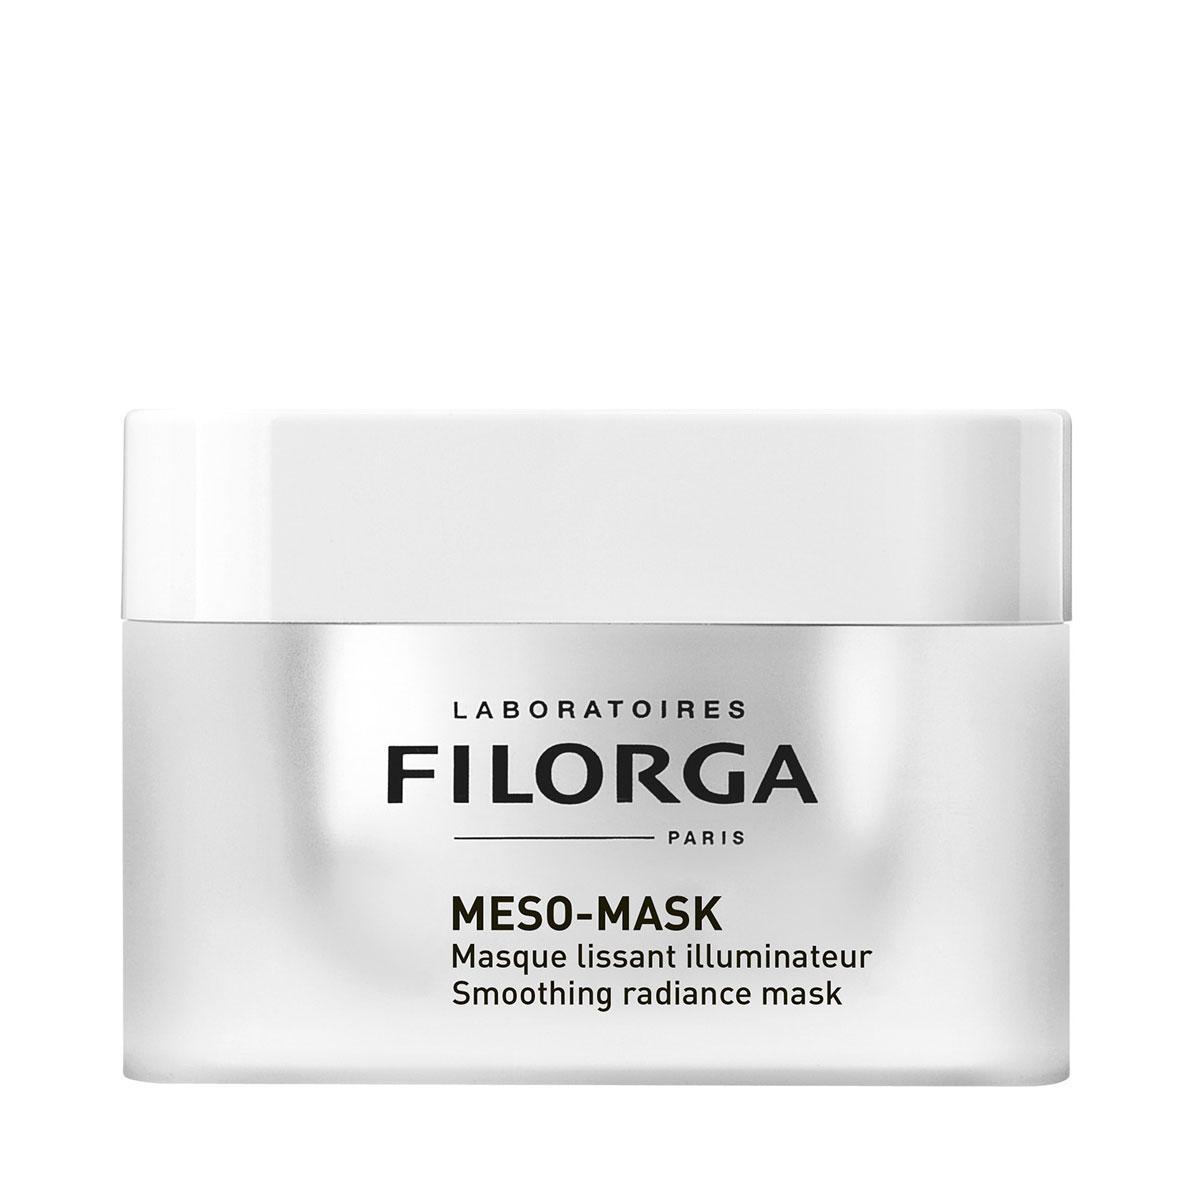 filorga_mask